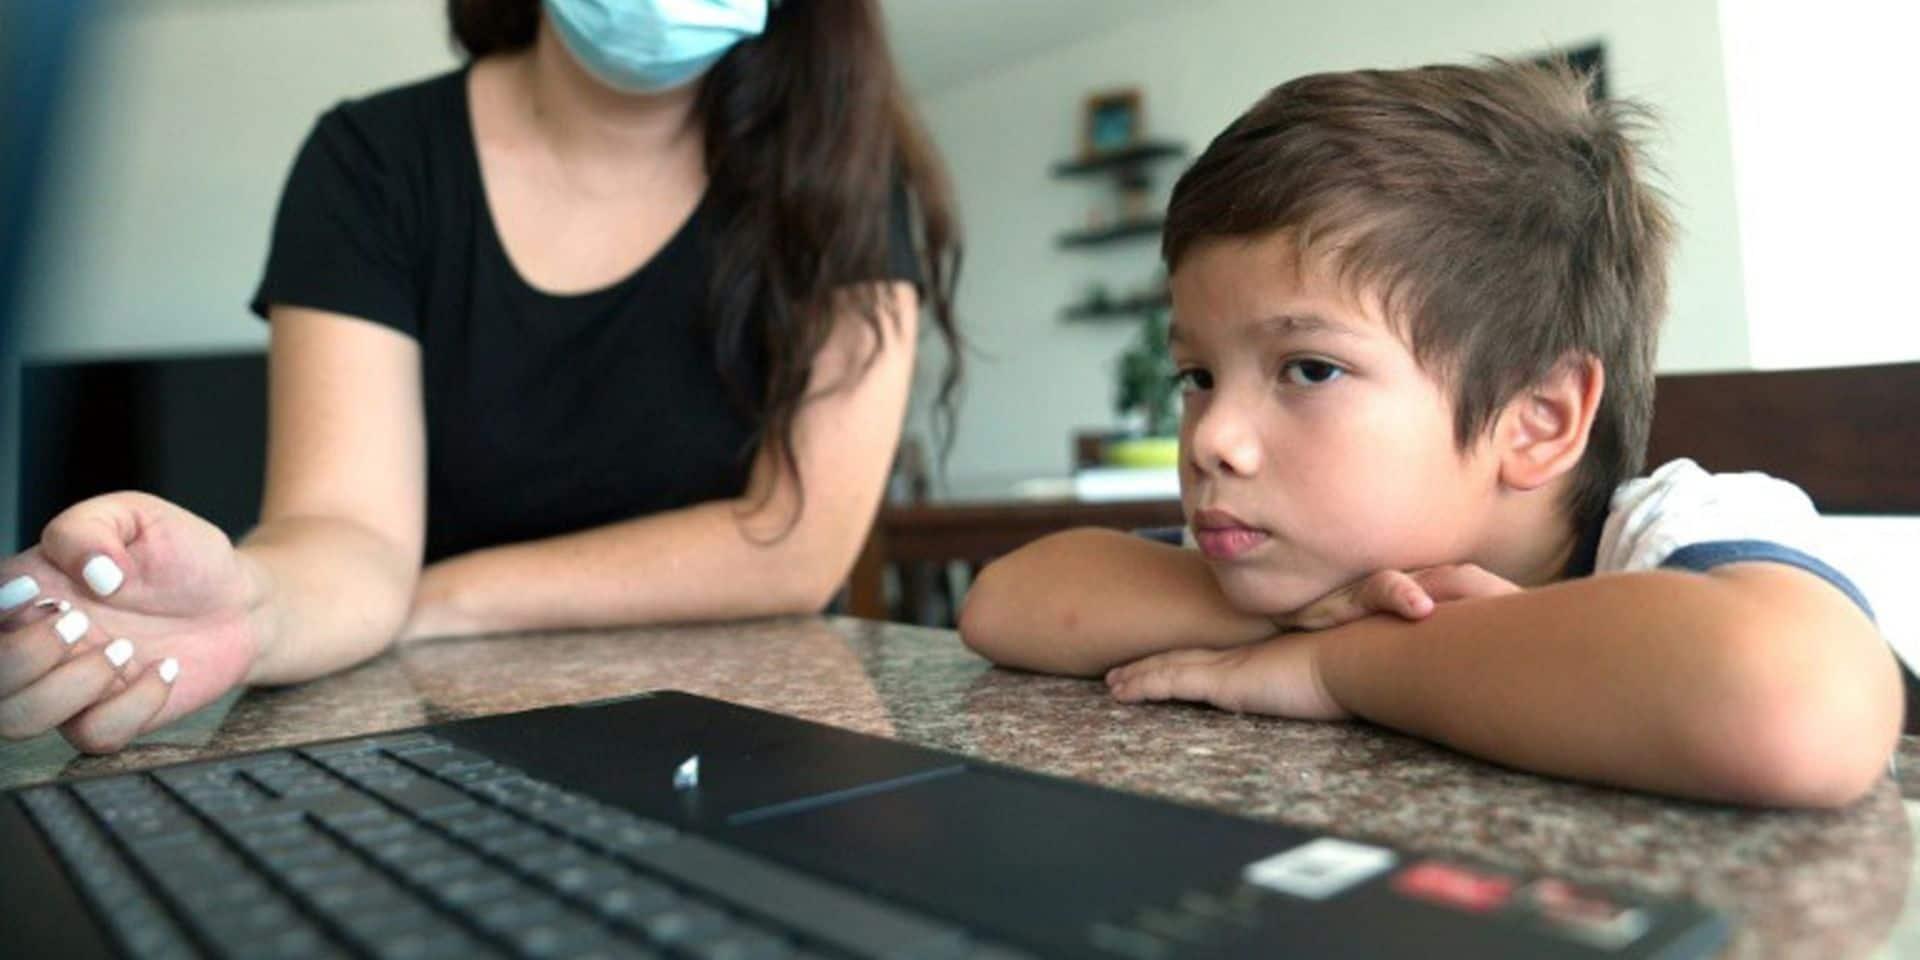 Votre enfant a des difficultés ? Au-delà des cours particuliers qui peuvent coûter cher, des milliers de ressources gratuites sur le Web